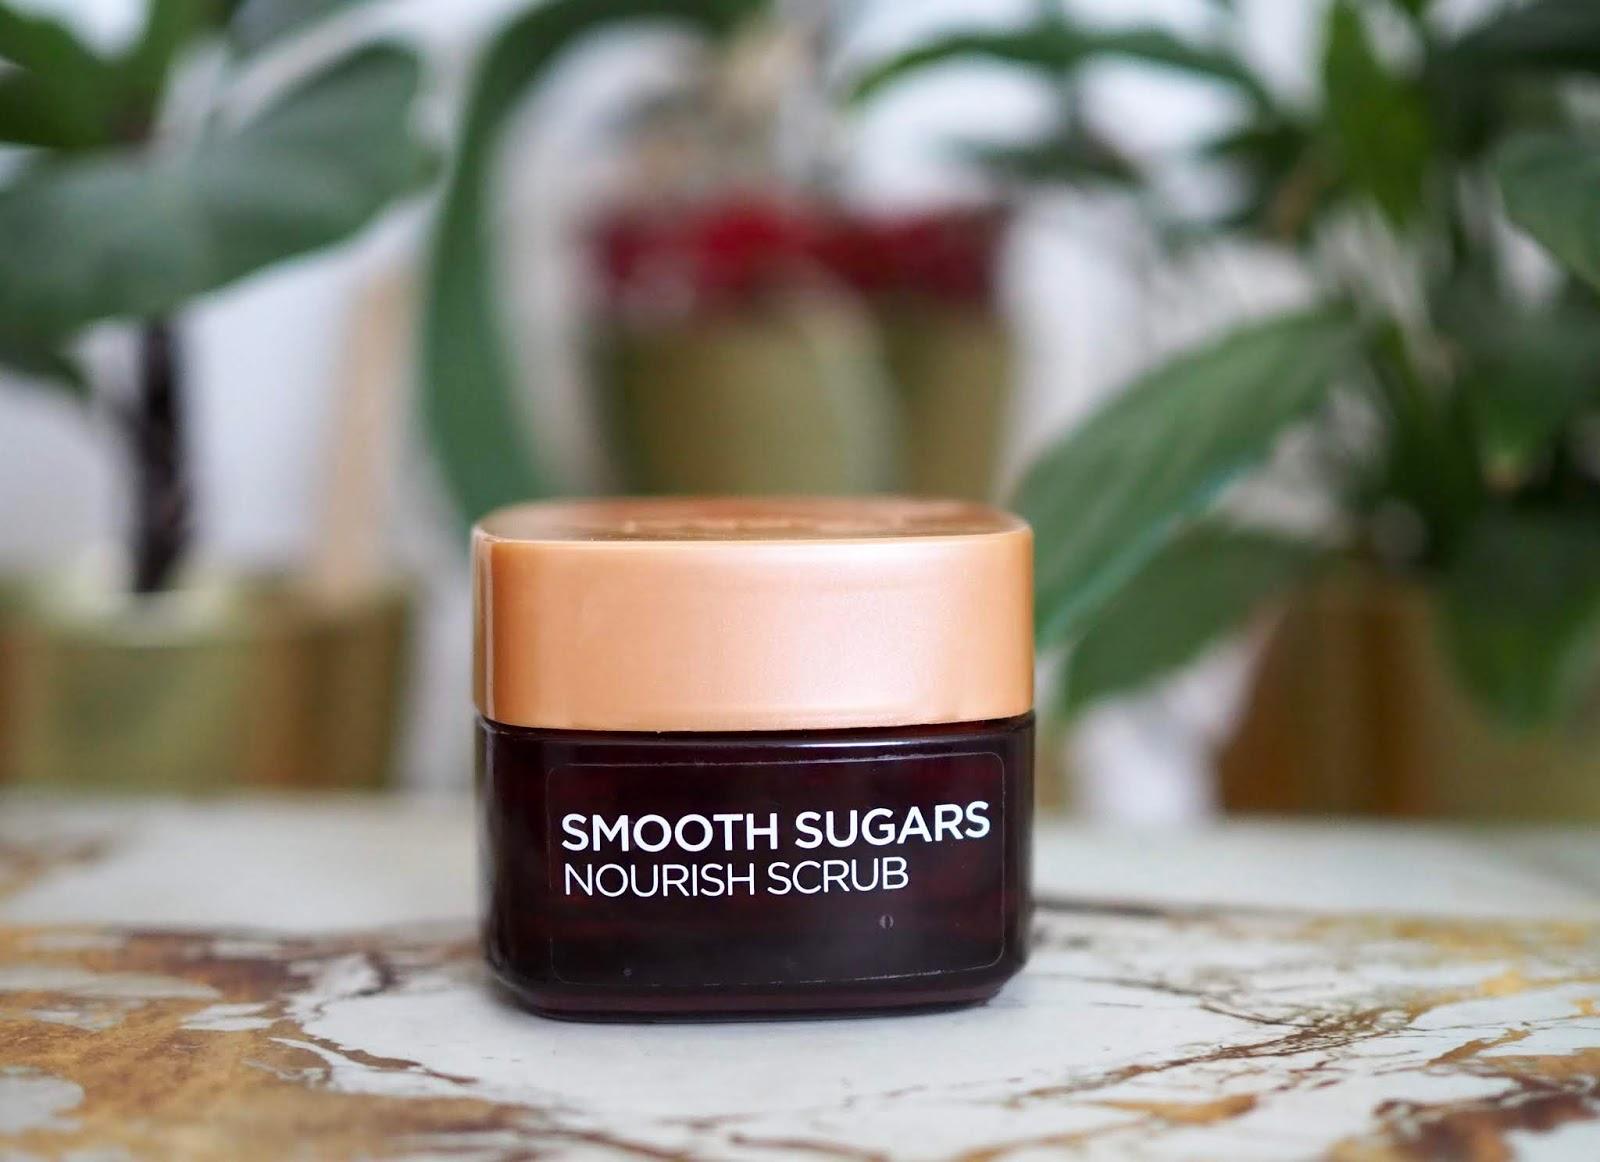 Smooth Sugar nourish scrub Loreal Paris skúsenosť